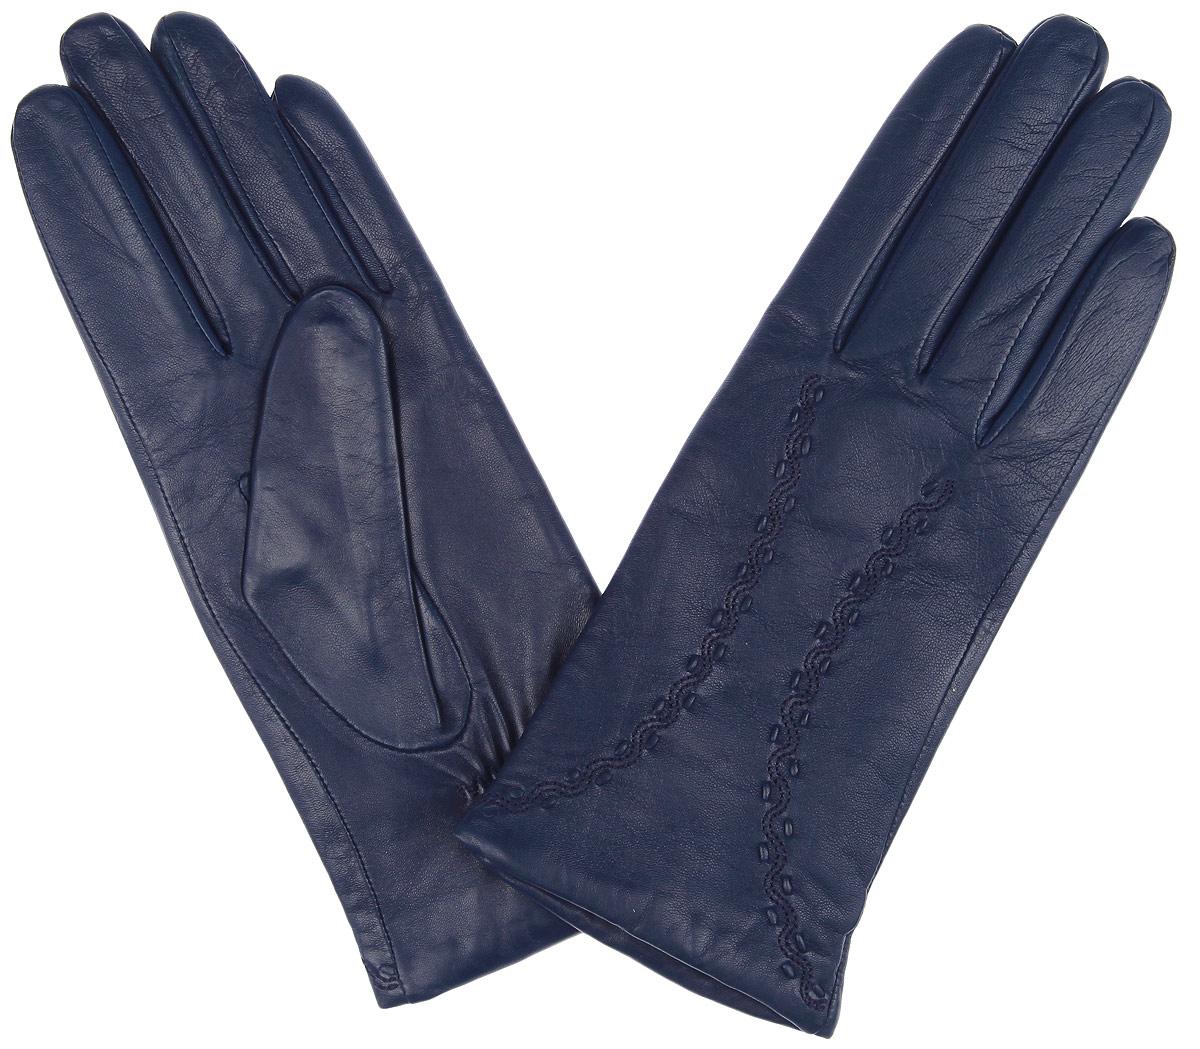 Перчатки2.6-11s blueСтильные женские перчатки Fabretti не только защитят ваши руки от холода, но и станут великолепным украшением. Перчатки выполнены из эфиопский кожи ягненка с подкладкой из шерсти и кашемира. Модель декорирована оригинальной прострочкой. В настоящее время перчатки являются неотъемлемой частью гардероба, вместе с этим аксессуаром вы обретаете женственность и элегантность. Перчатки станут завершающим и подчеркивающим элементом вашего стиля и неповторимости.